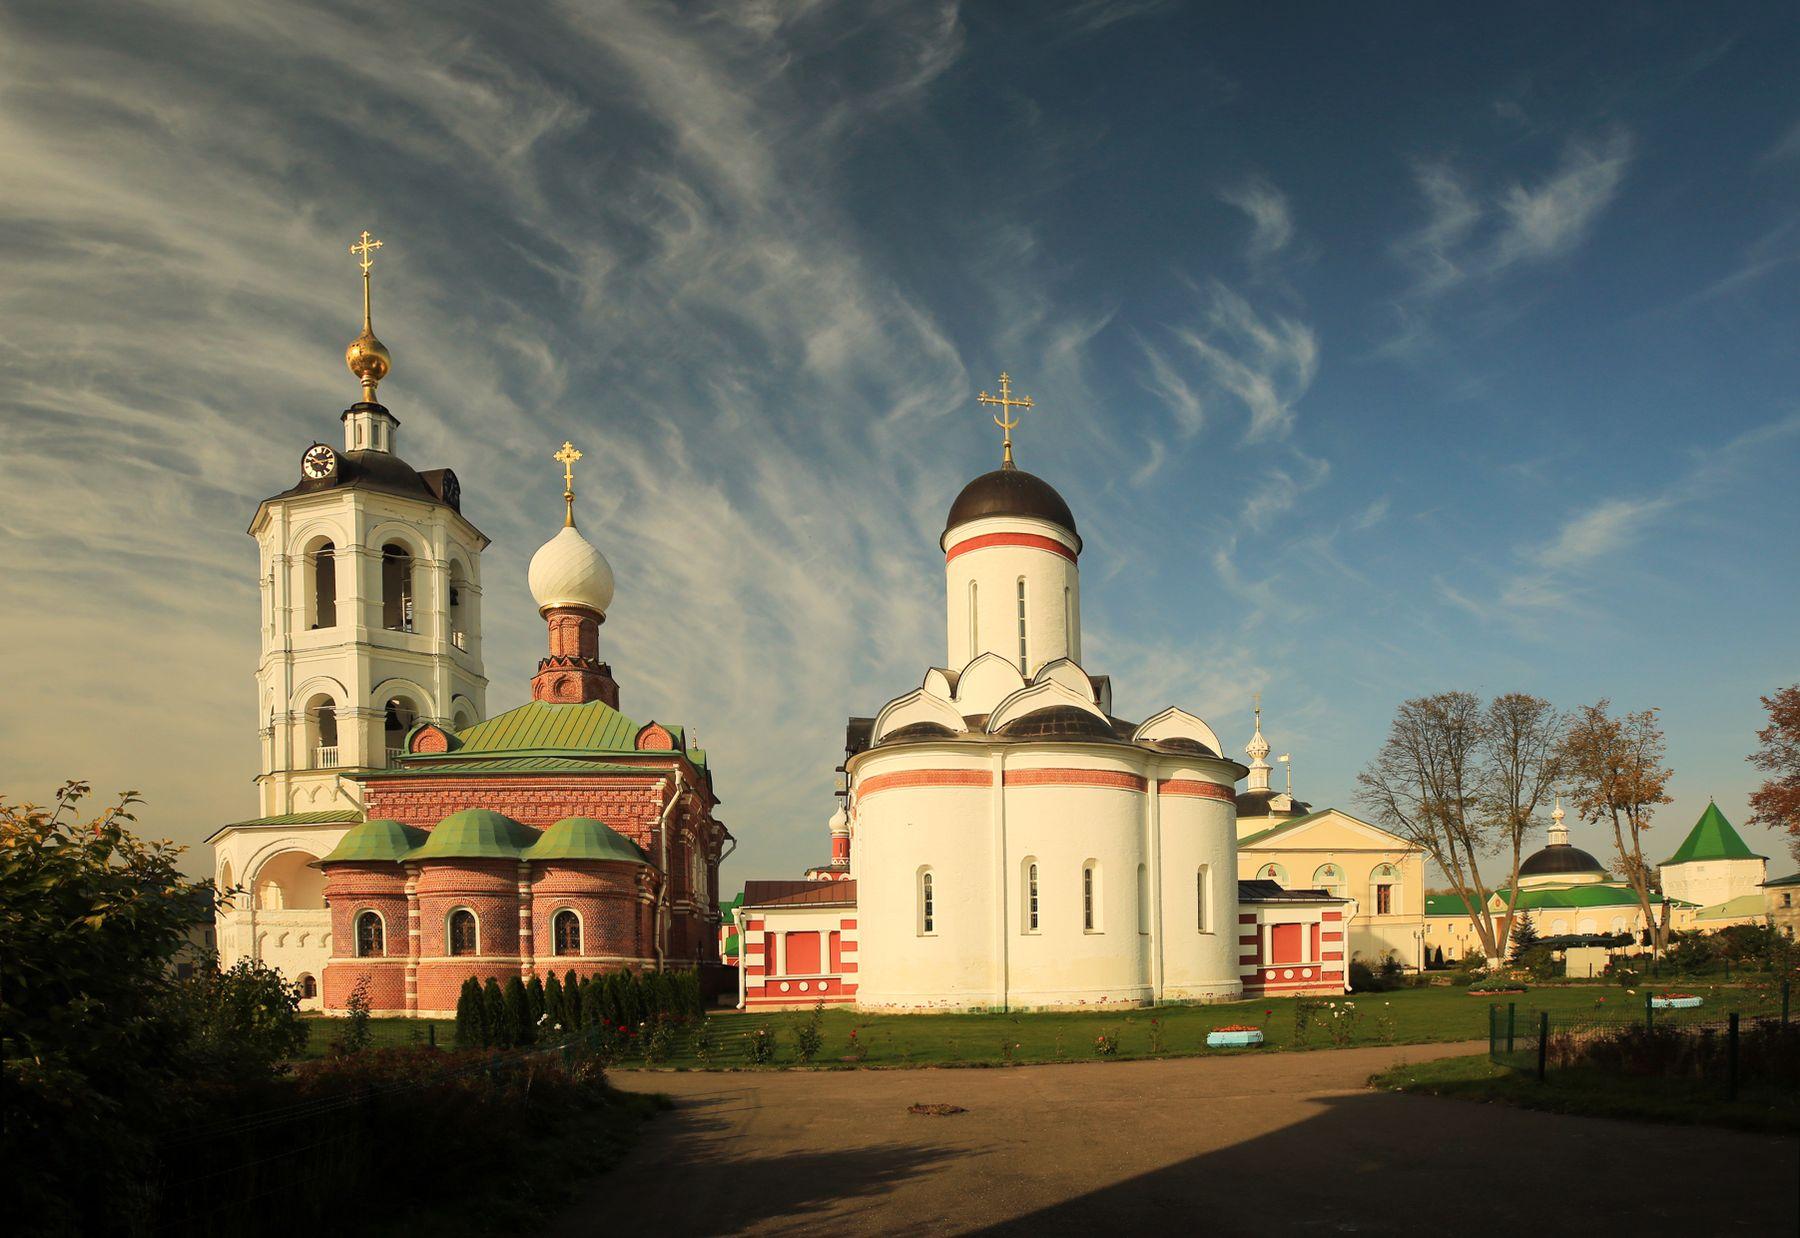 Утренние храмы Пешношский монастырь храмы утро